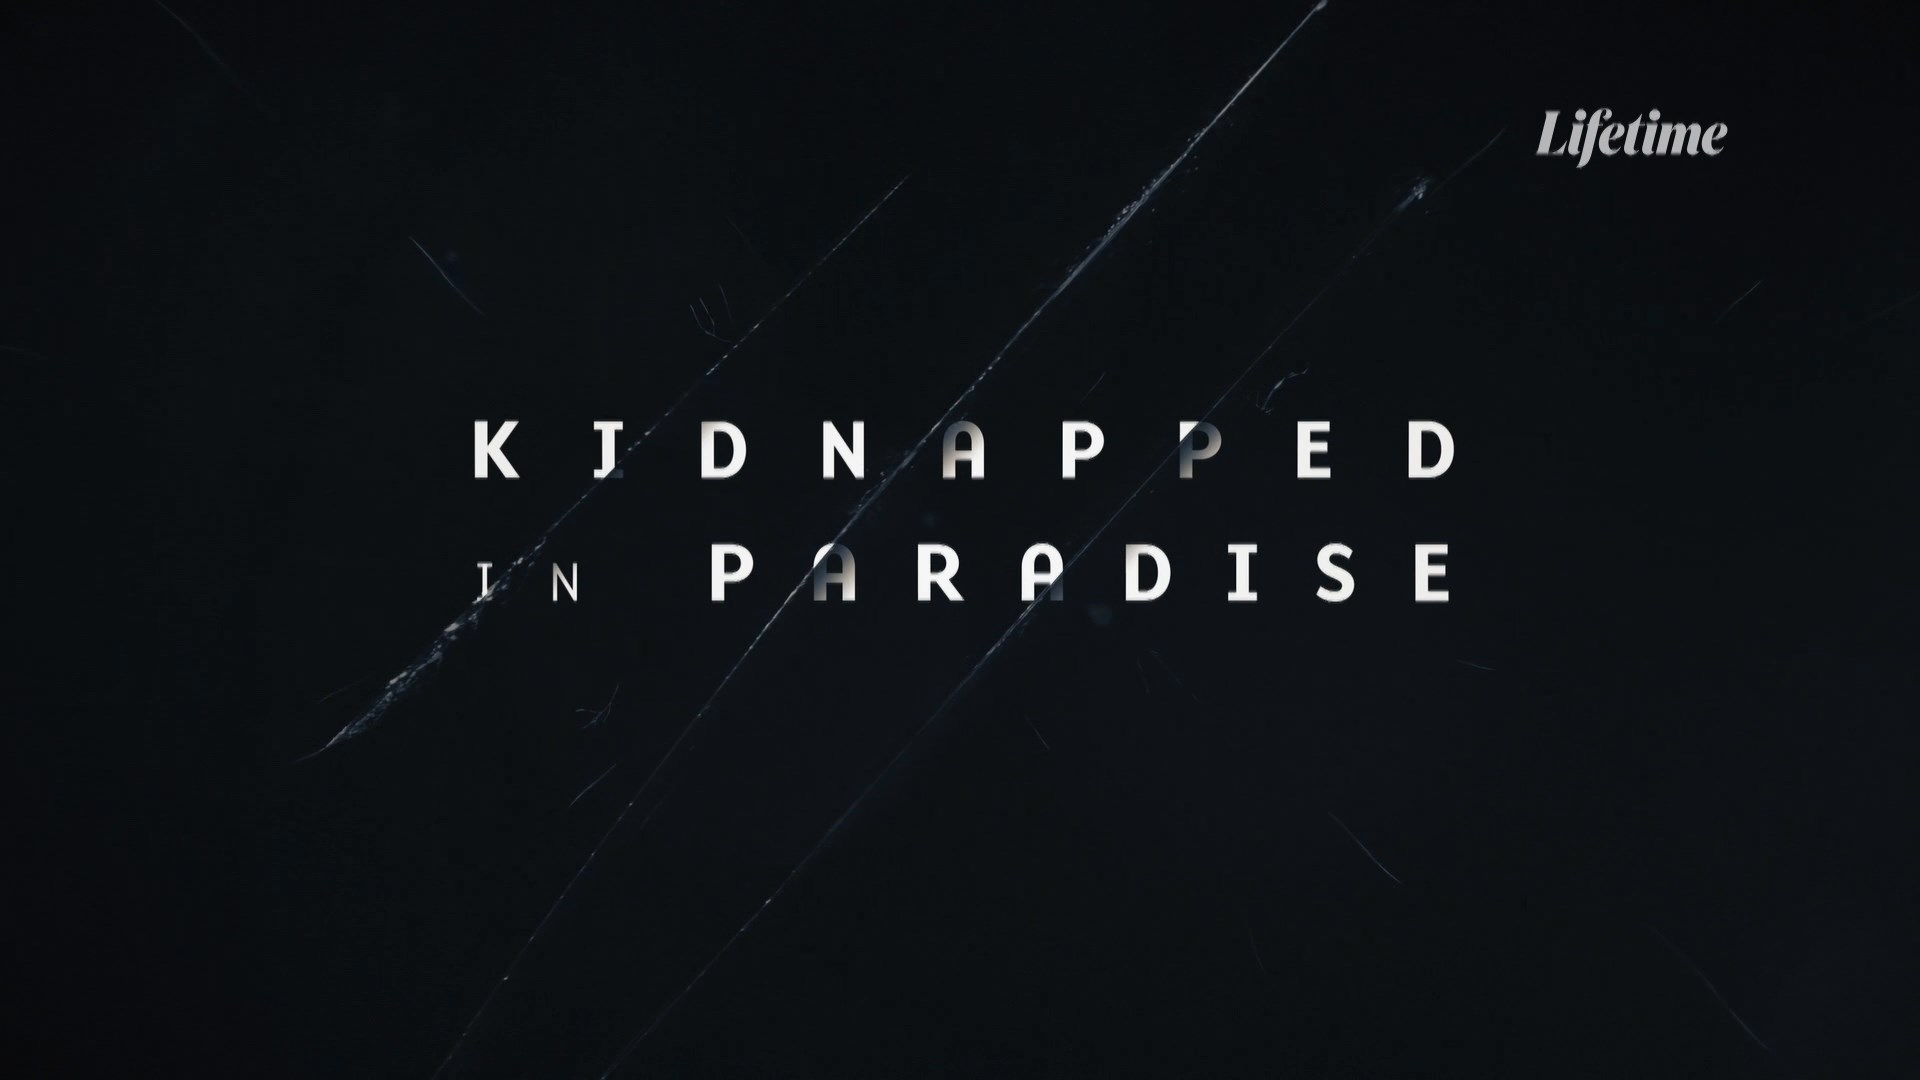 Secuestro en el Paraíso (2021) 1080p WEB-DL Latino